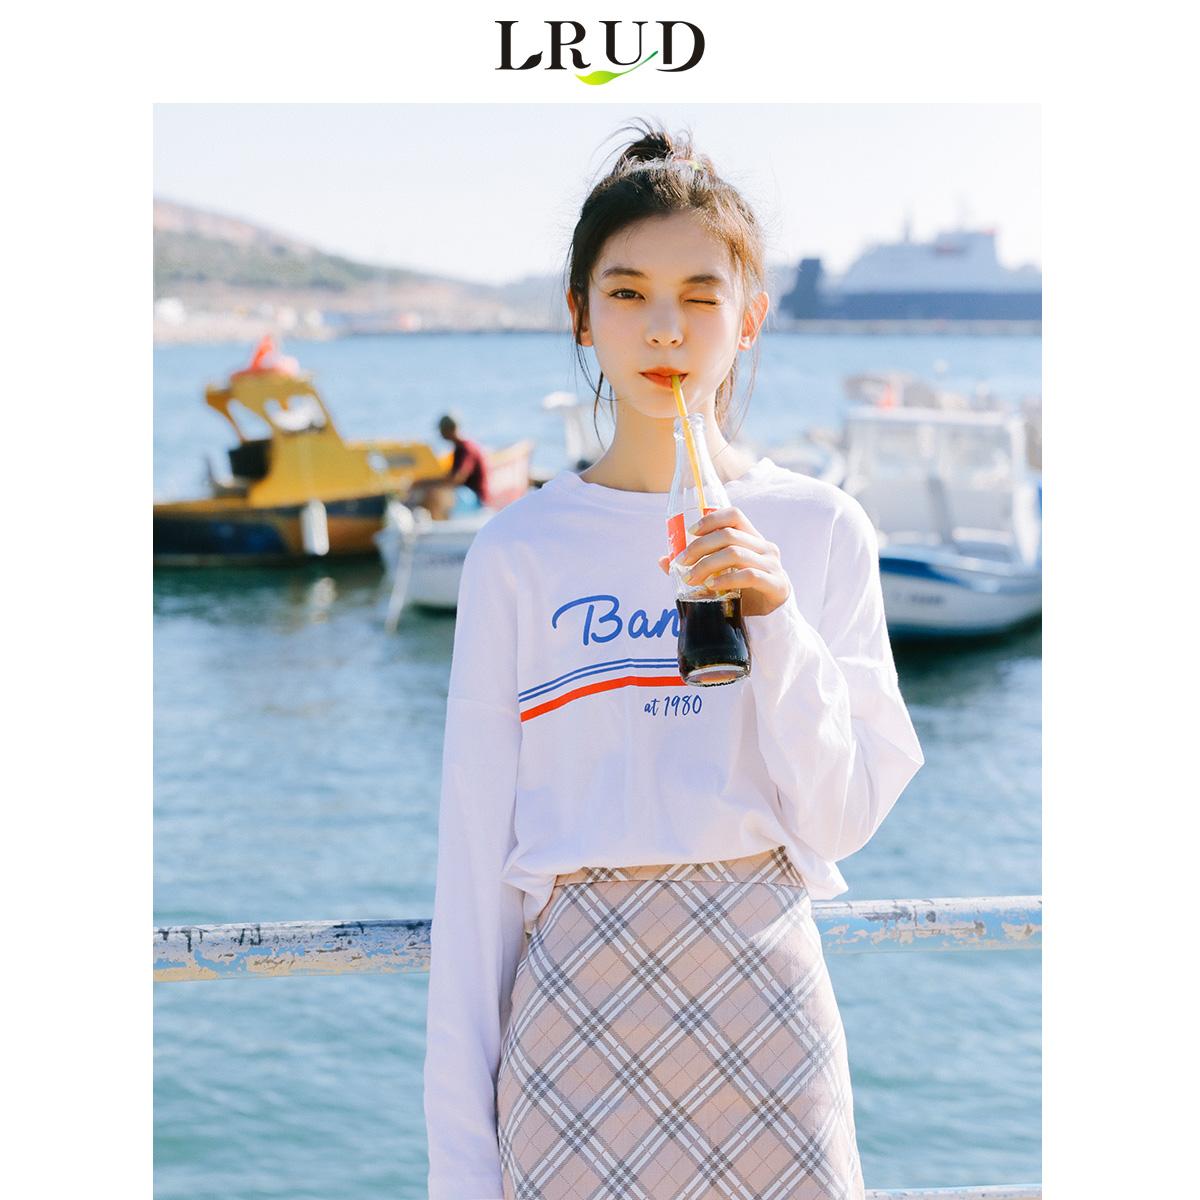 LRUD白色T恤女2019春季新款韩版长袖上衣宽松学生休闲内搭打底衫